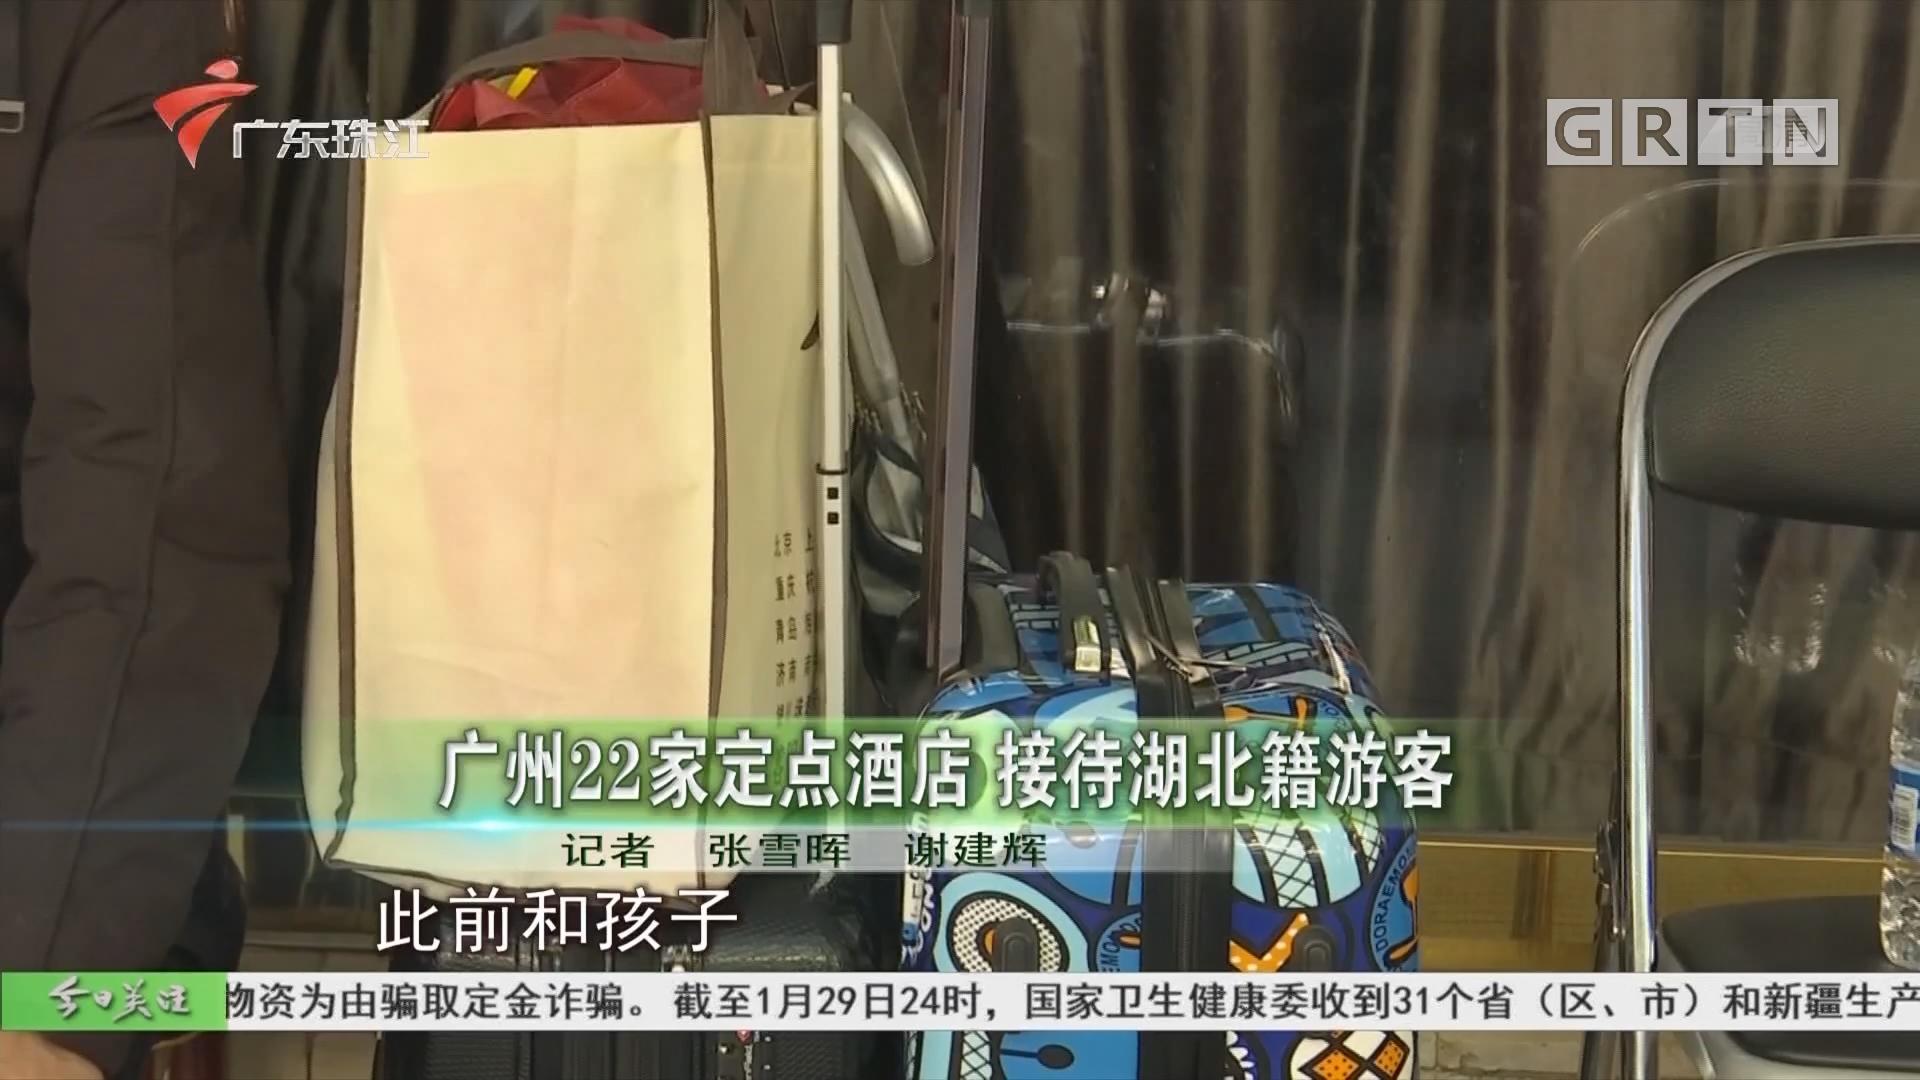 广州22家定点酒店 接待湖北籍游客